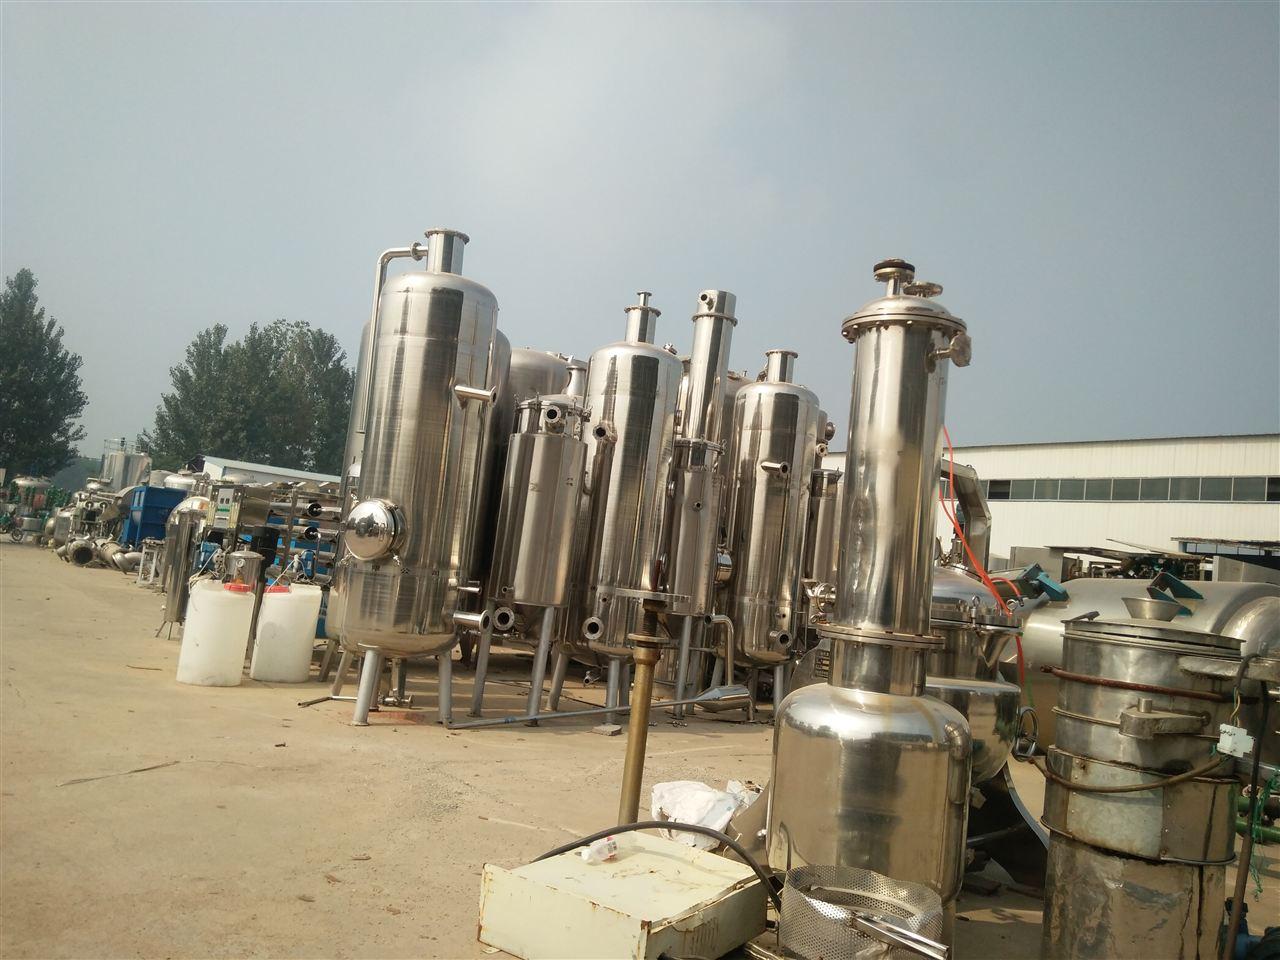 二手三效蒸发器 技术文章 菏泽开发区德行化工设备销售中心